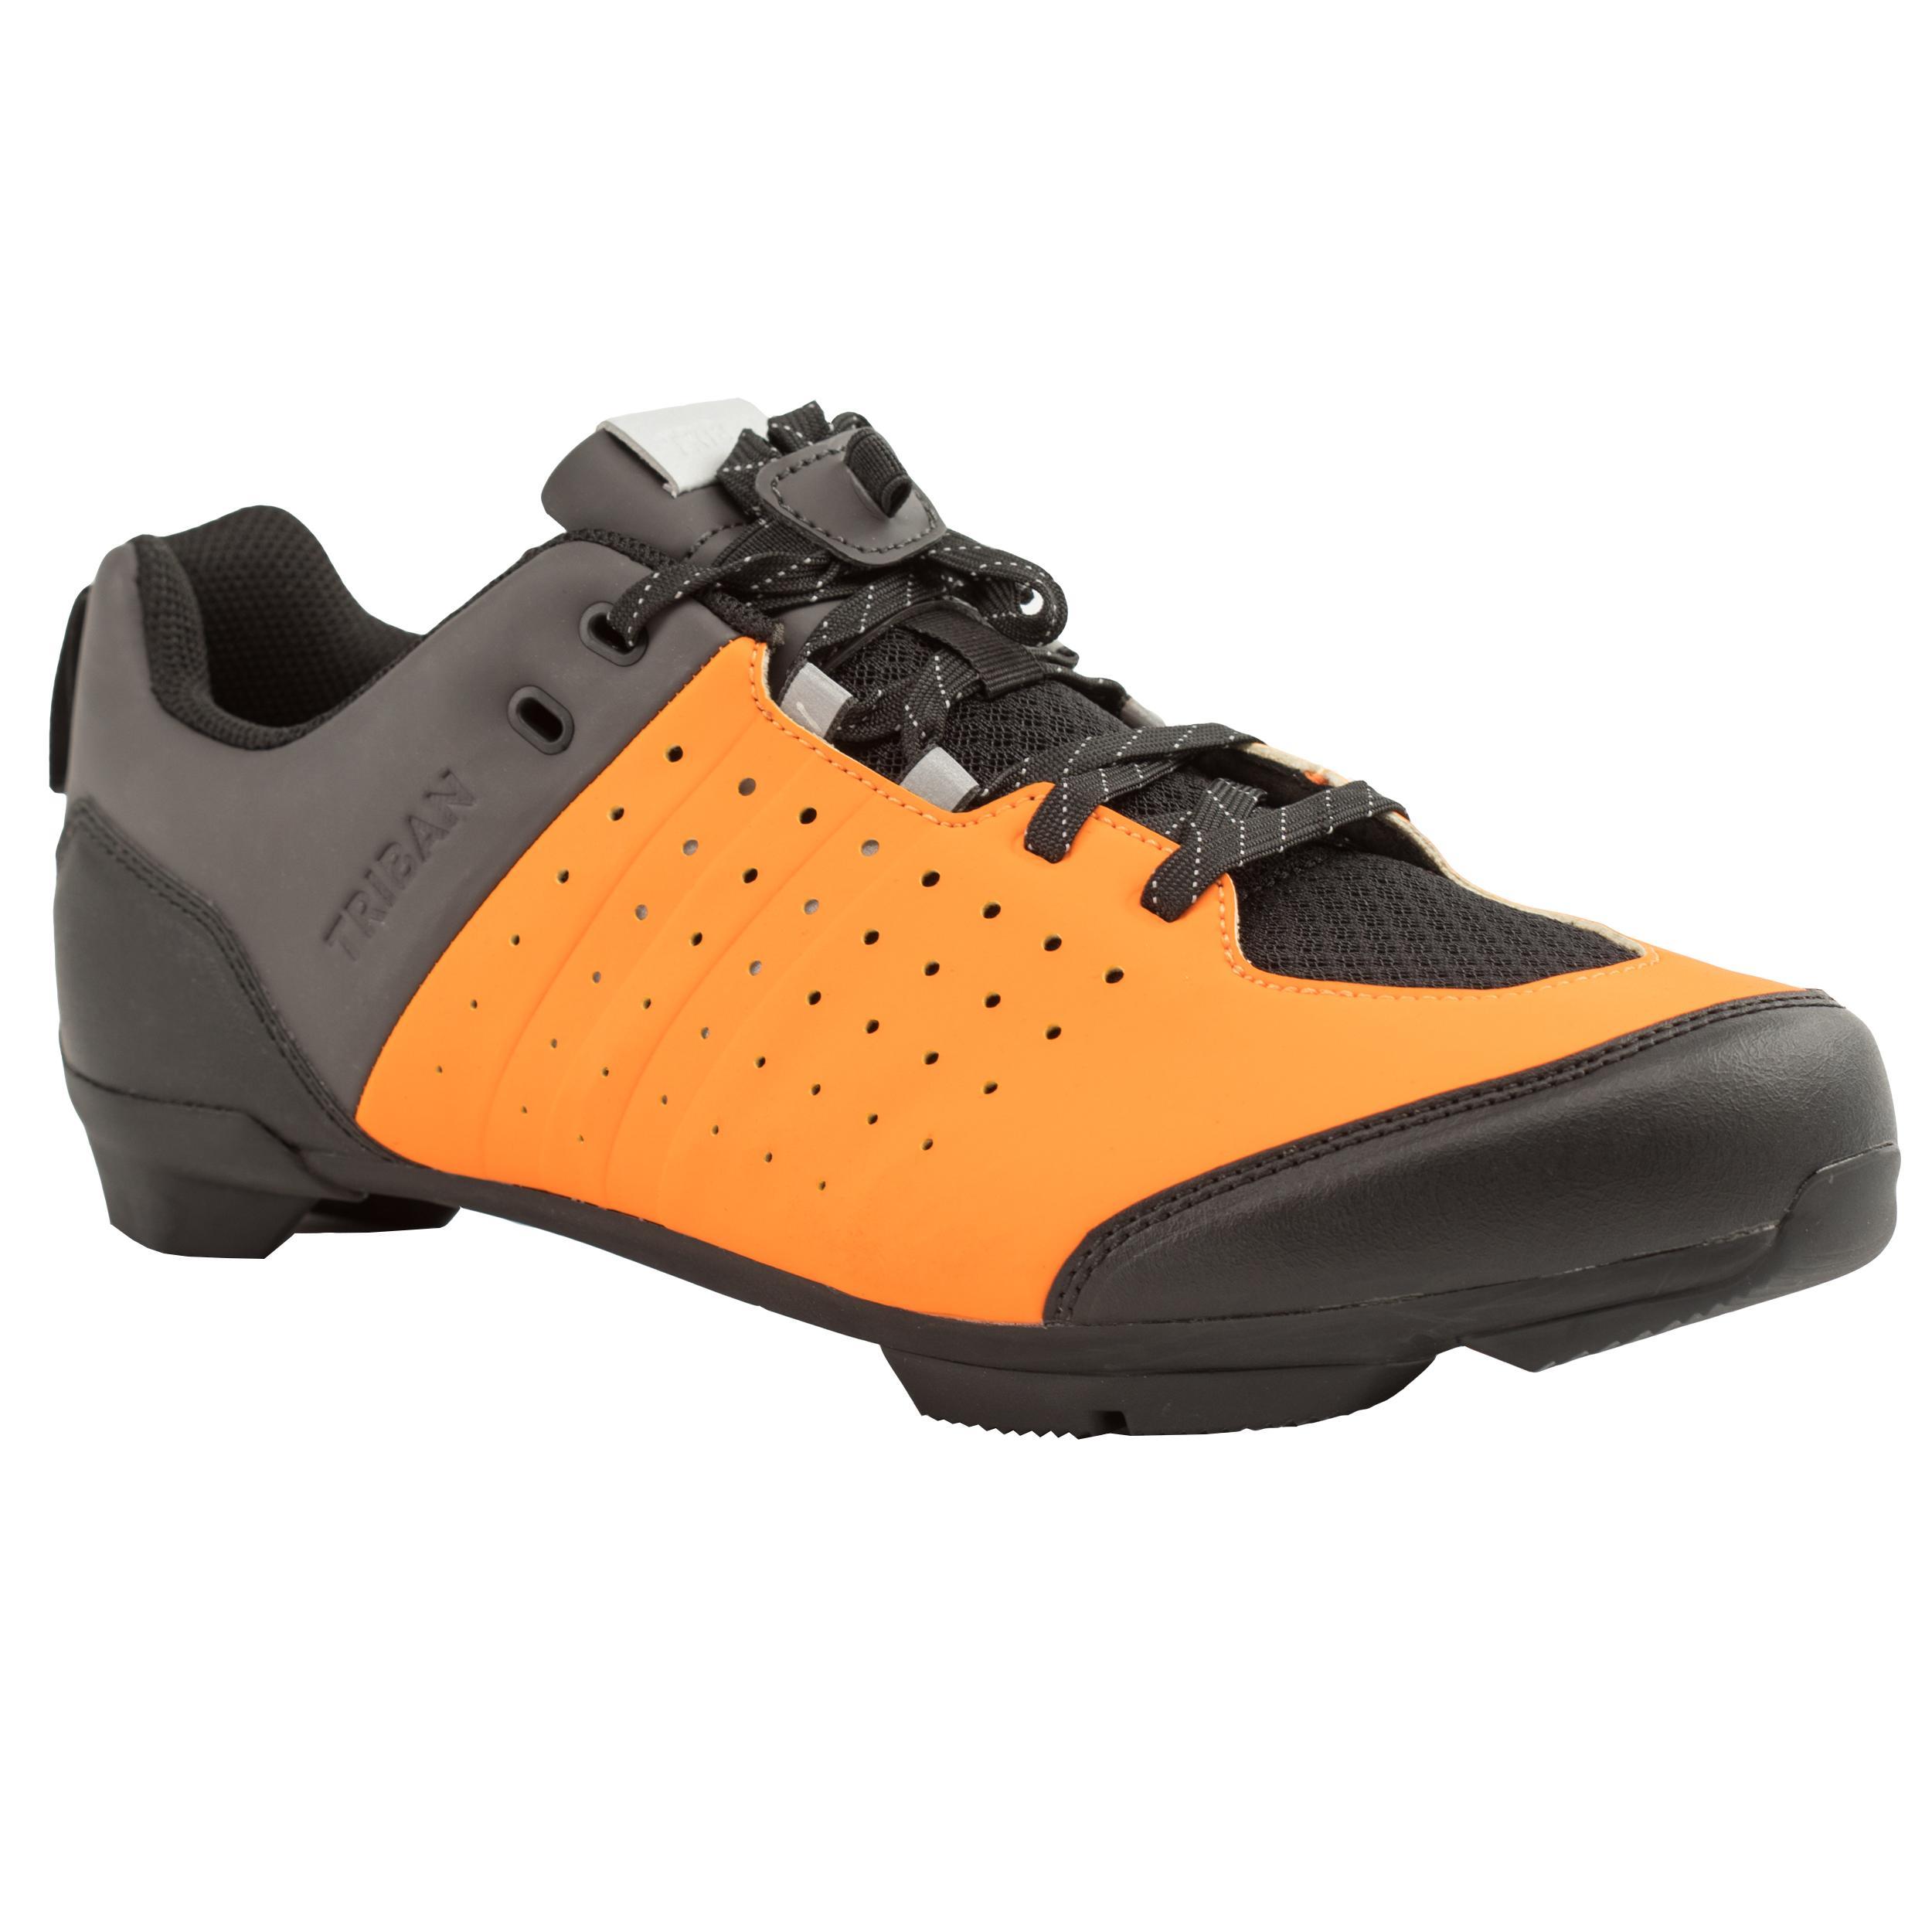 Fahrradschuhe Rennrad RC 500 (für SPD Cleats) ORANGE/GRAU   Schuhe > Sportschuhe > Fahrradschuhe   Orange - Grau   Triban